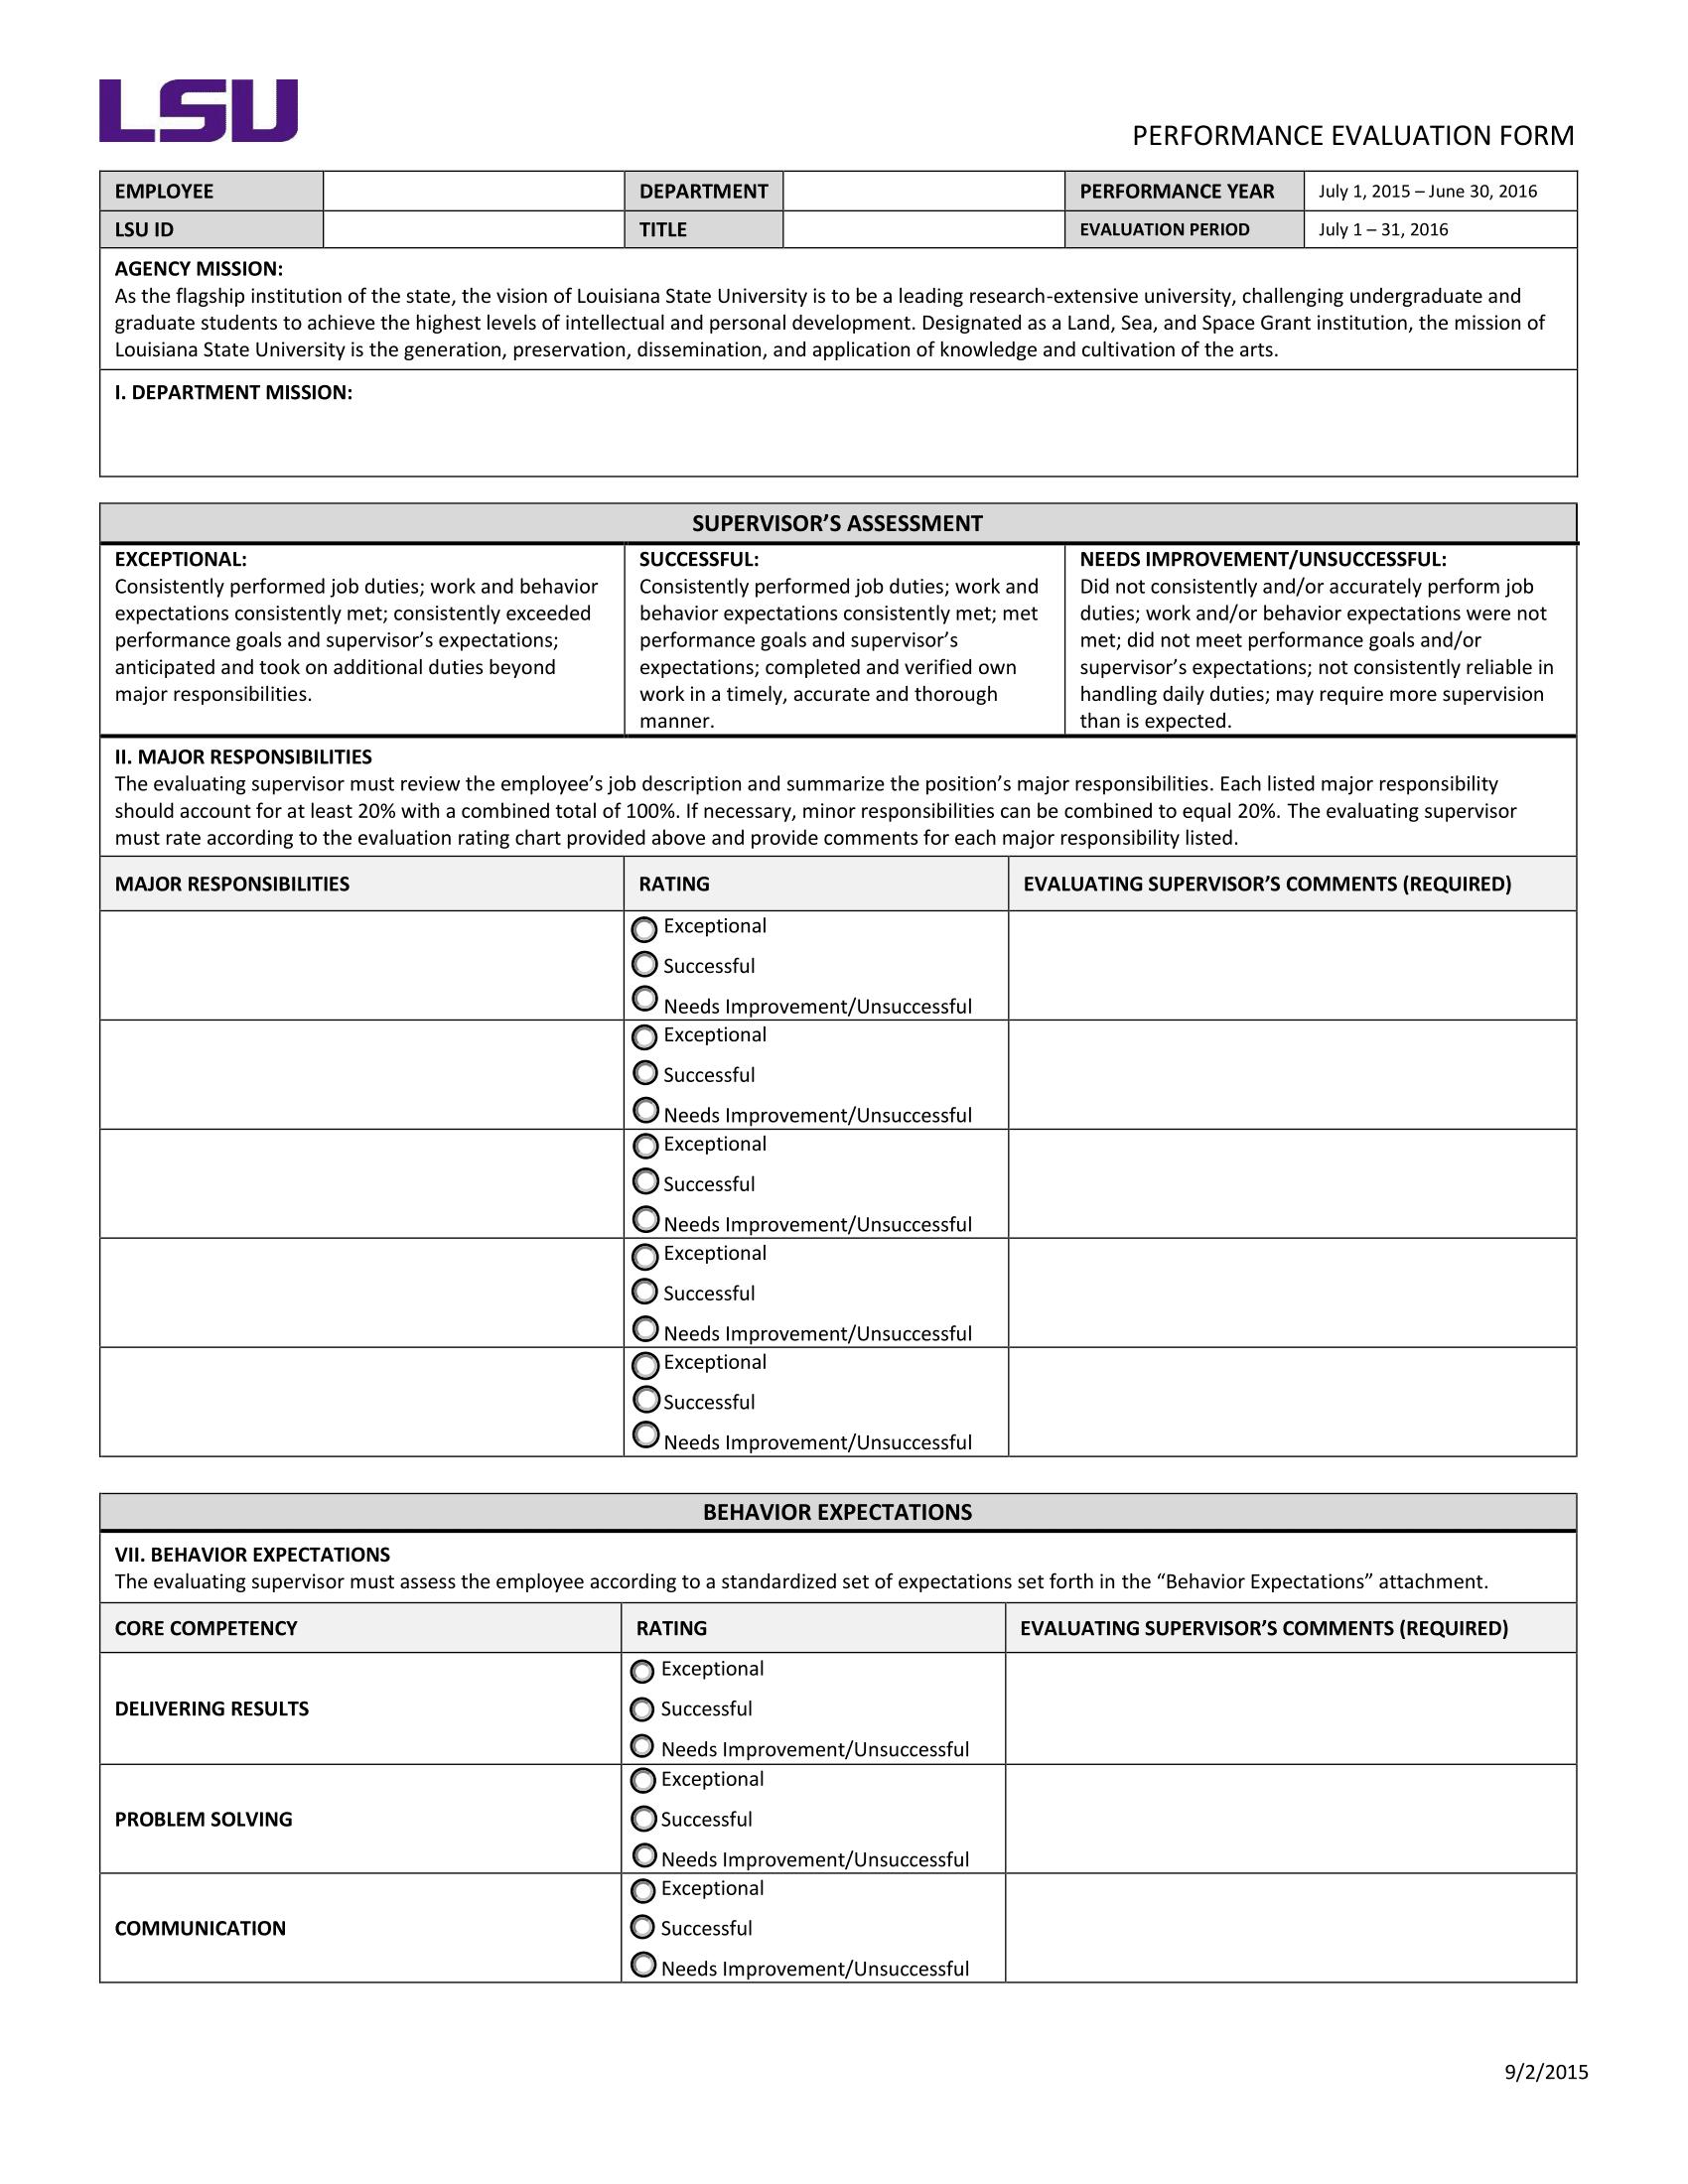 General Evaluation Samples